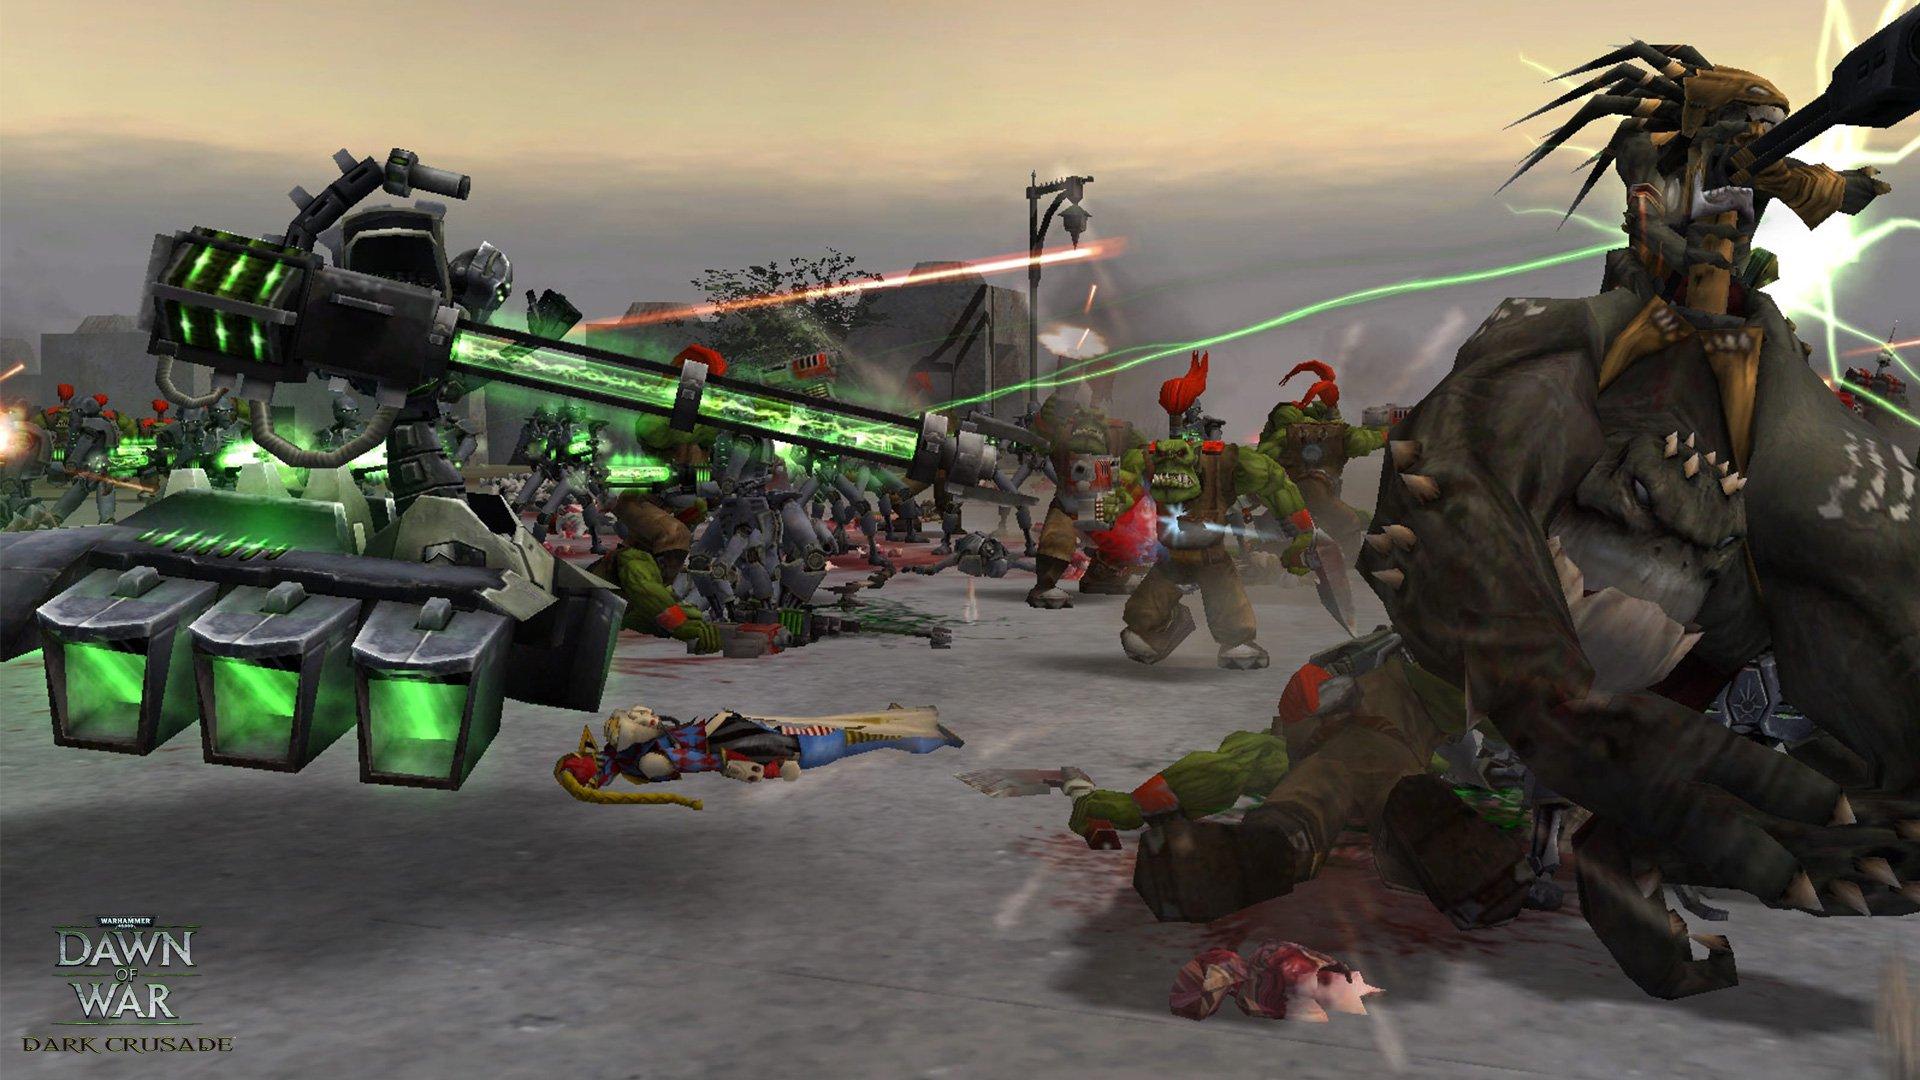 Warhammer 40,000 Dawn of War Dark Crusade 9